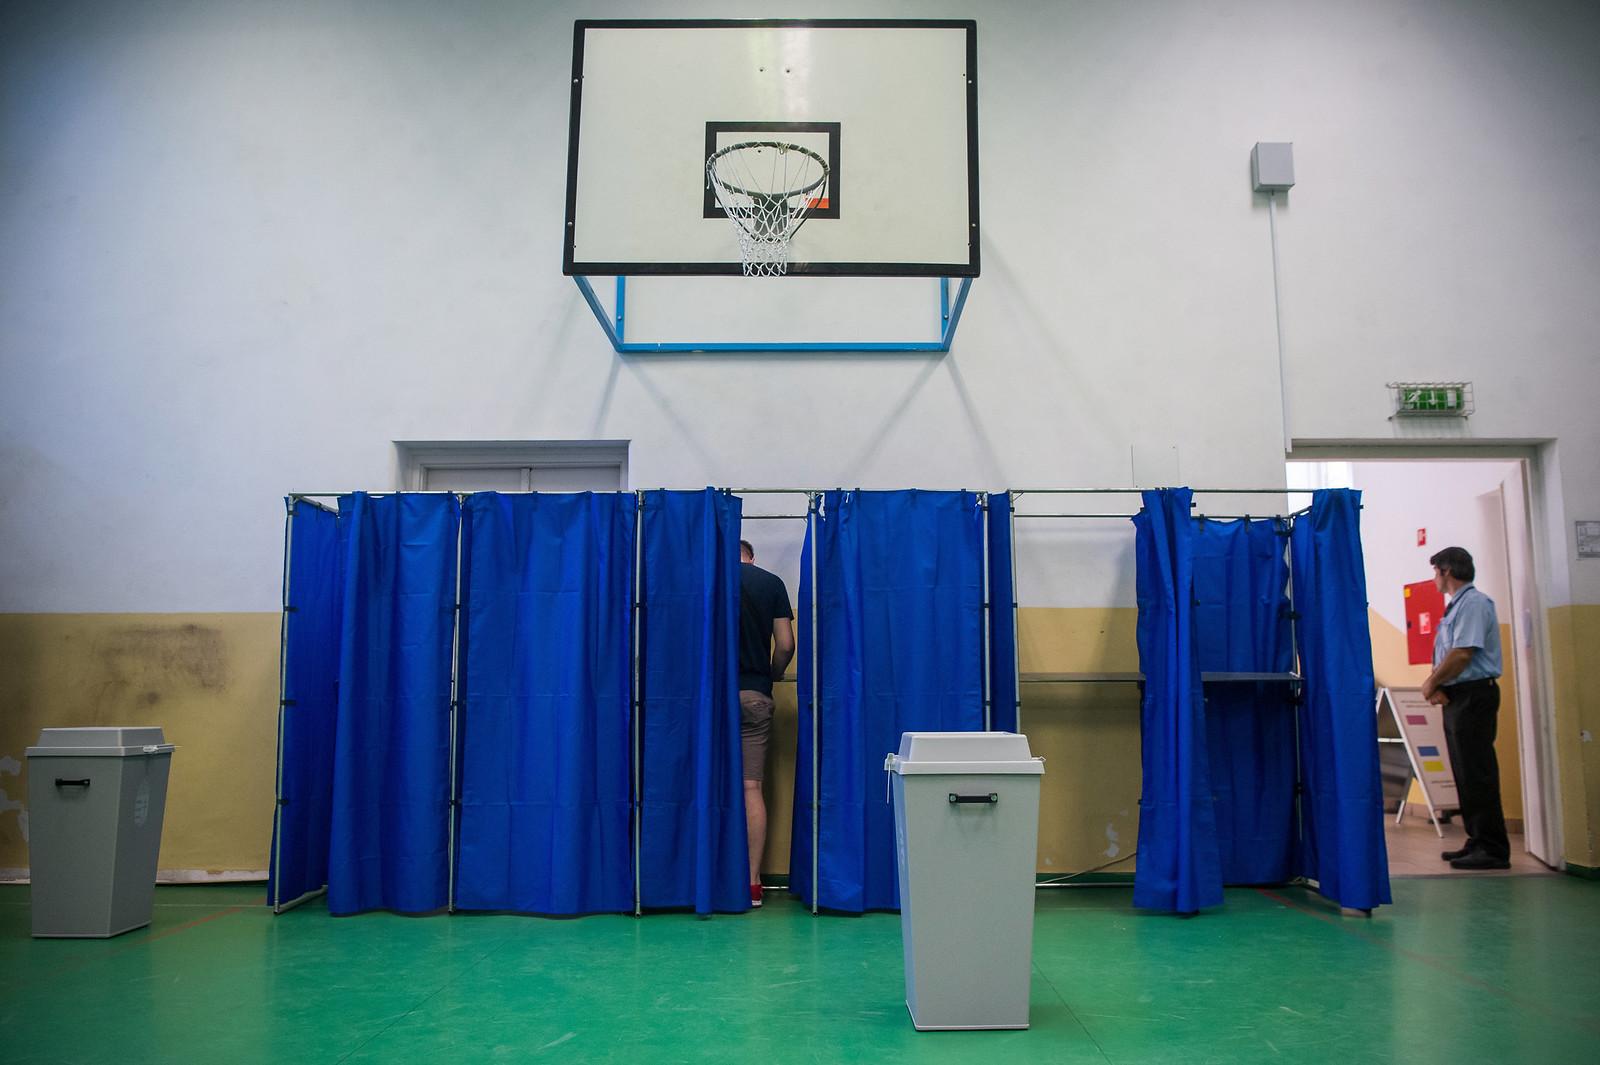 Már a megye 18,32 százaléka leadta a szavazatát